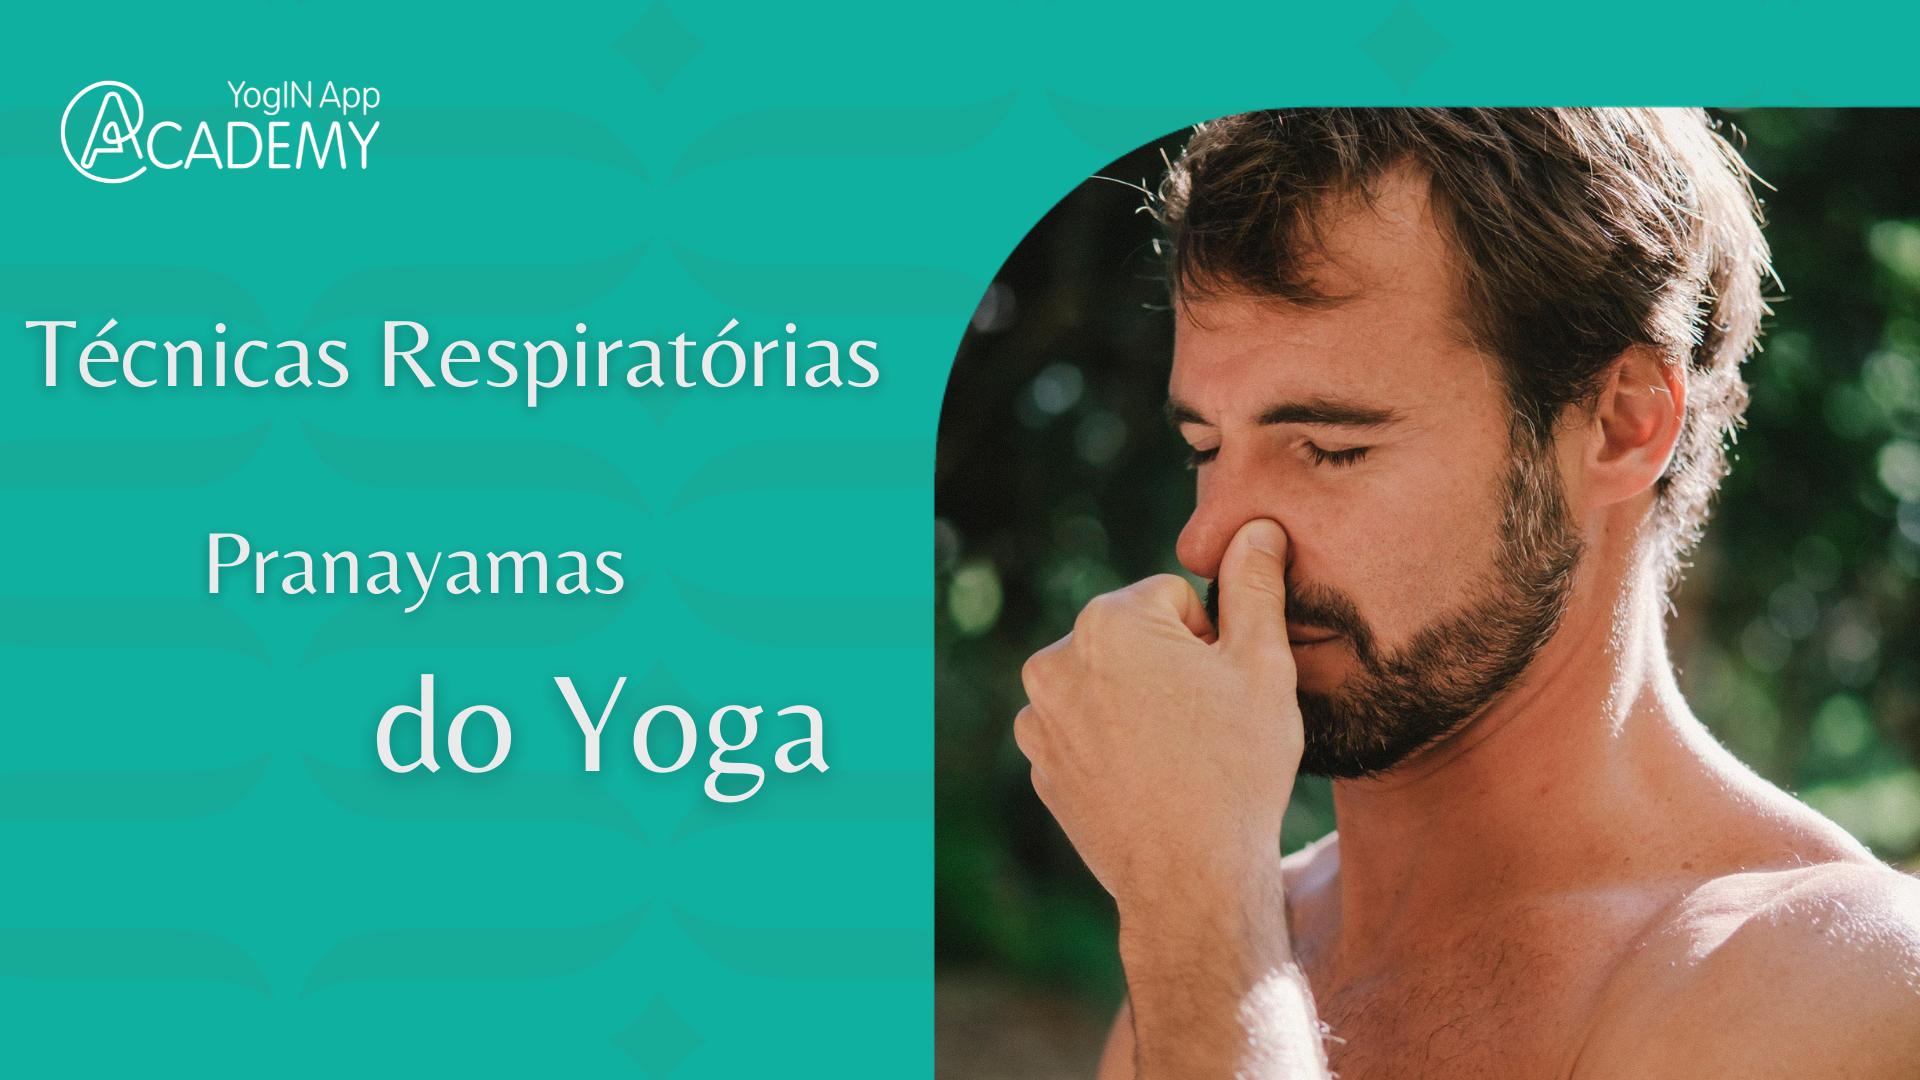 Pranayama - Respiratórios do Yoga